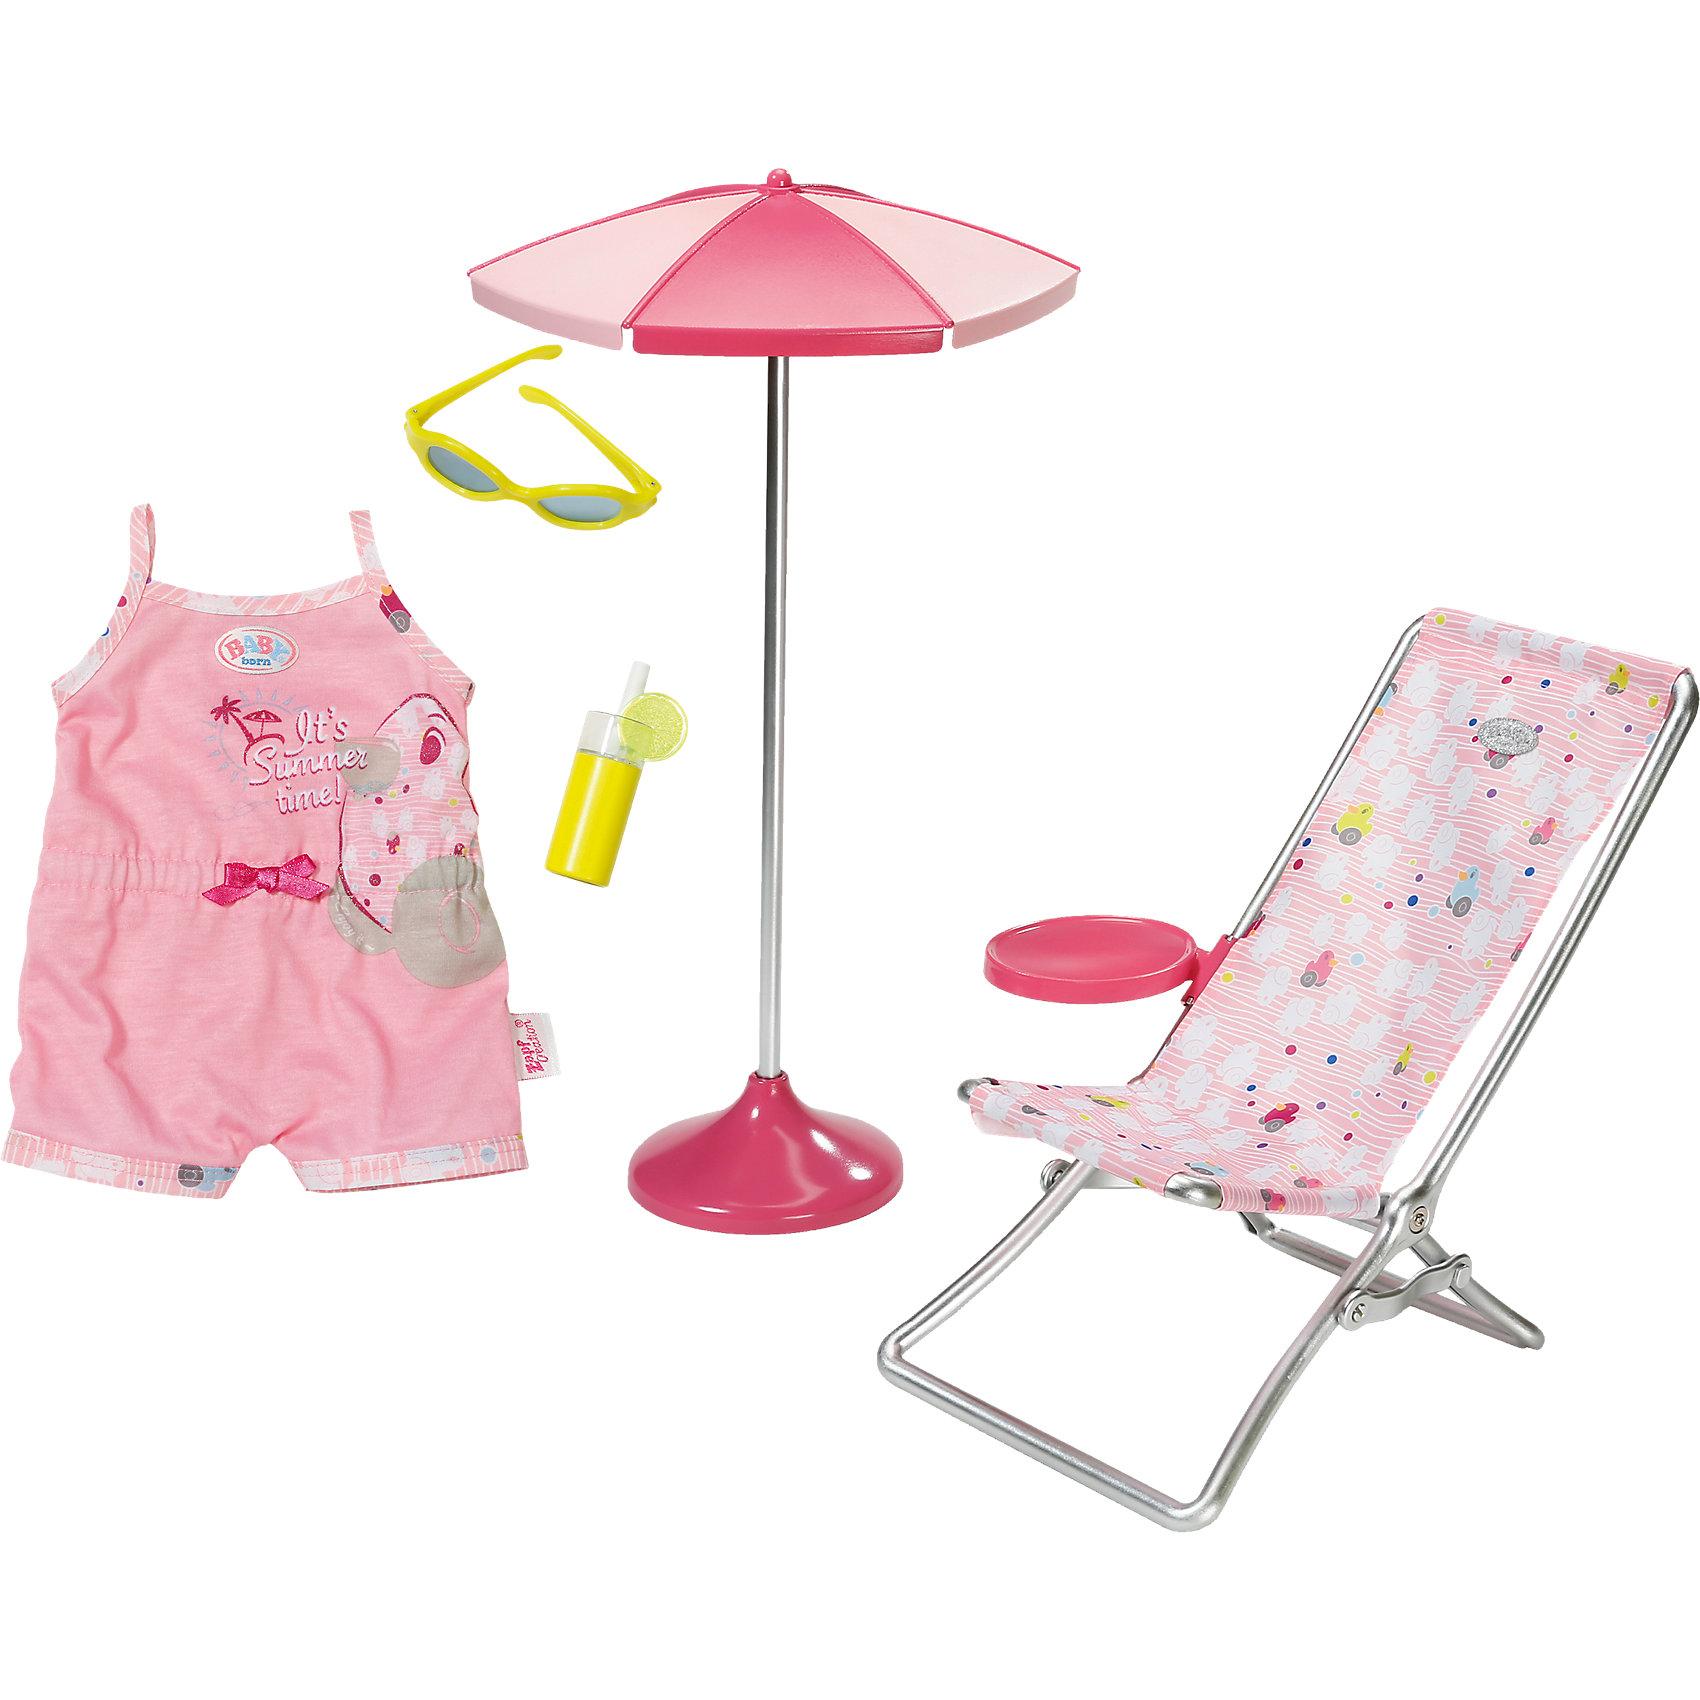 Набор Солнечные ванны, BABY bornТематический игровой набор «Солнечные ванны». Все игровые аксессуары и принадлежности изготовлены из материалов высокого качества (пластик, металл и текстиль), безопасных для здоровья.<br><br>В комплекте набора:<br><br>одежда для куклы 43 см;<br>шезлонг;<br>солнечный зонт;<br>солнечные очки;<br>стакан лимонада.<br><br>Ширина мм: 416<br>Глубина мм: 250<br>Высота мм: 94<br>Вес г: 612<br>Возраст от месяцев: 36<br>Возраст до месяцев: 60<br>Пол: Женский<br>Возраст: Детский<br>SKU: 4319378